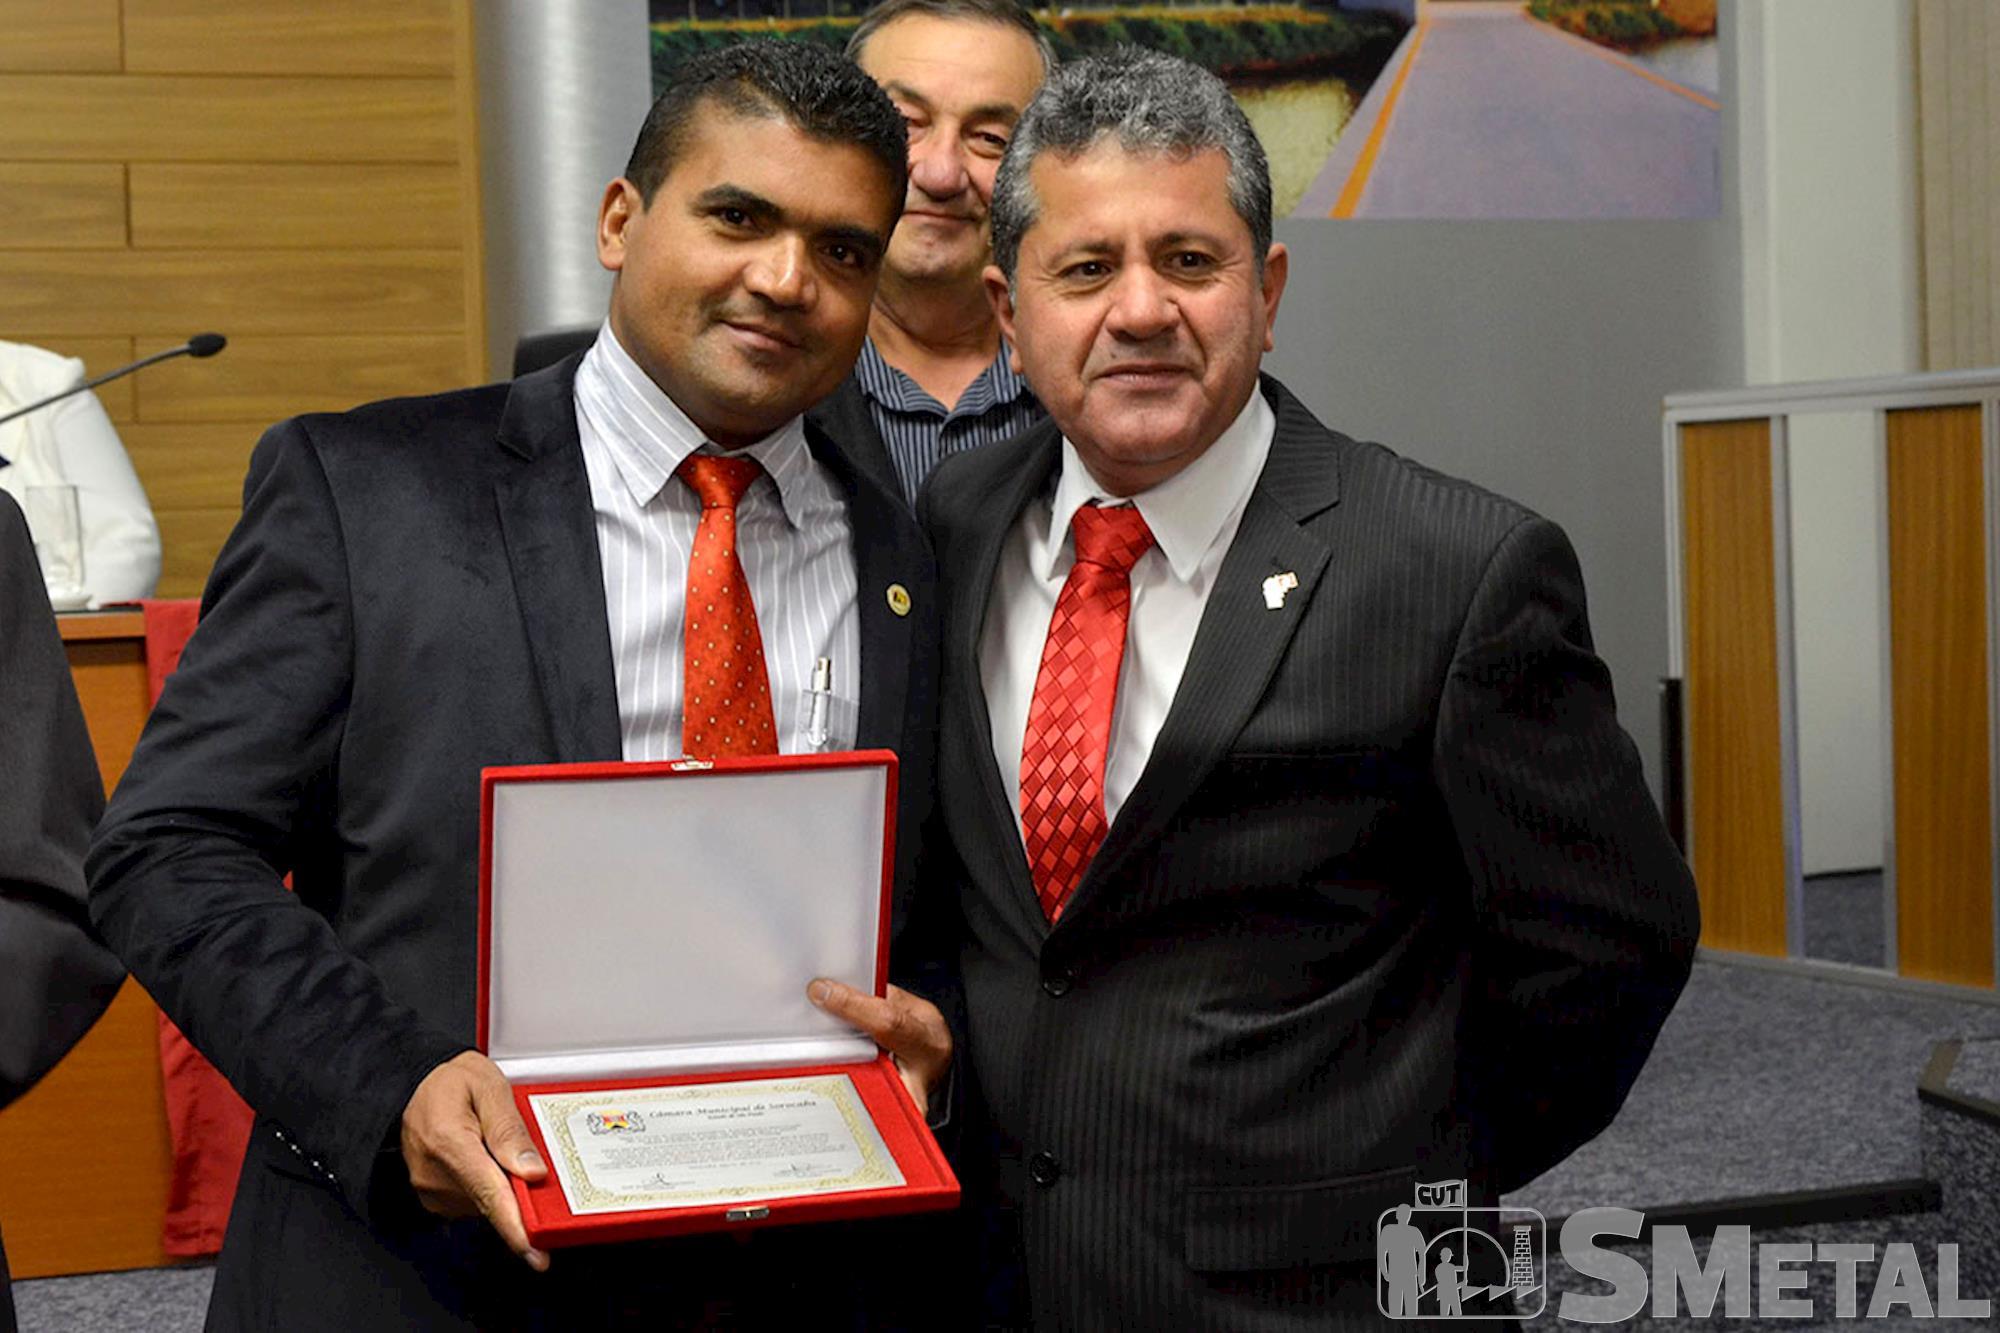 O sindicalista Adailton dos Santos também foi homenageado por Izídio, Sessão Solene na Câmara de Sorocaba comemora 30 anos de CUT